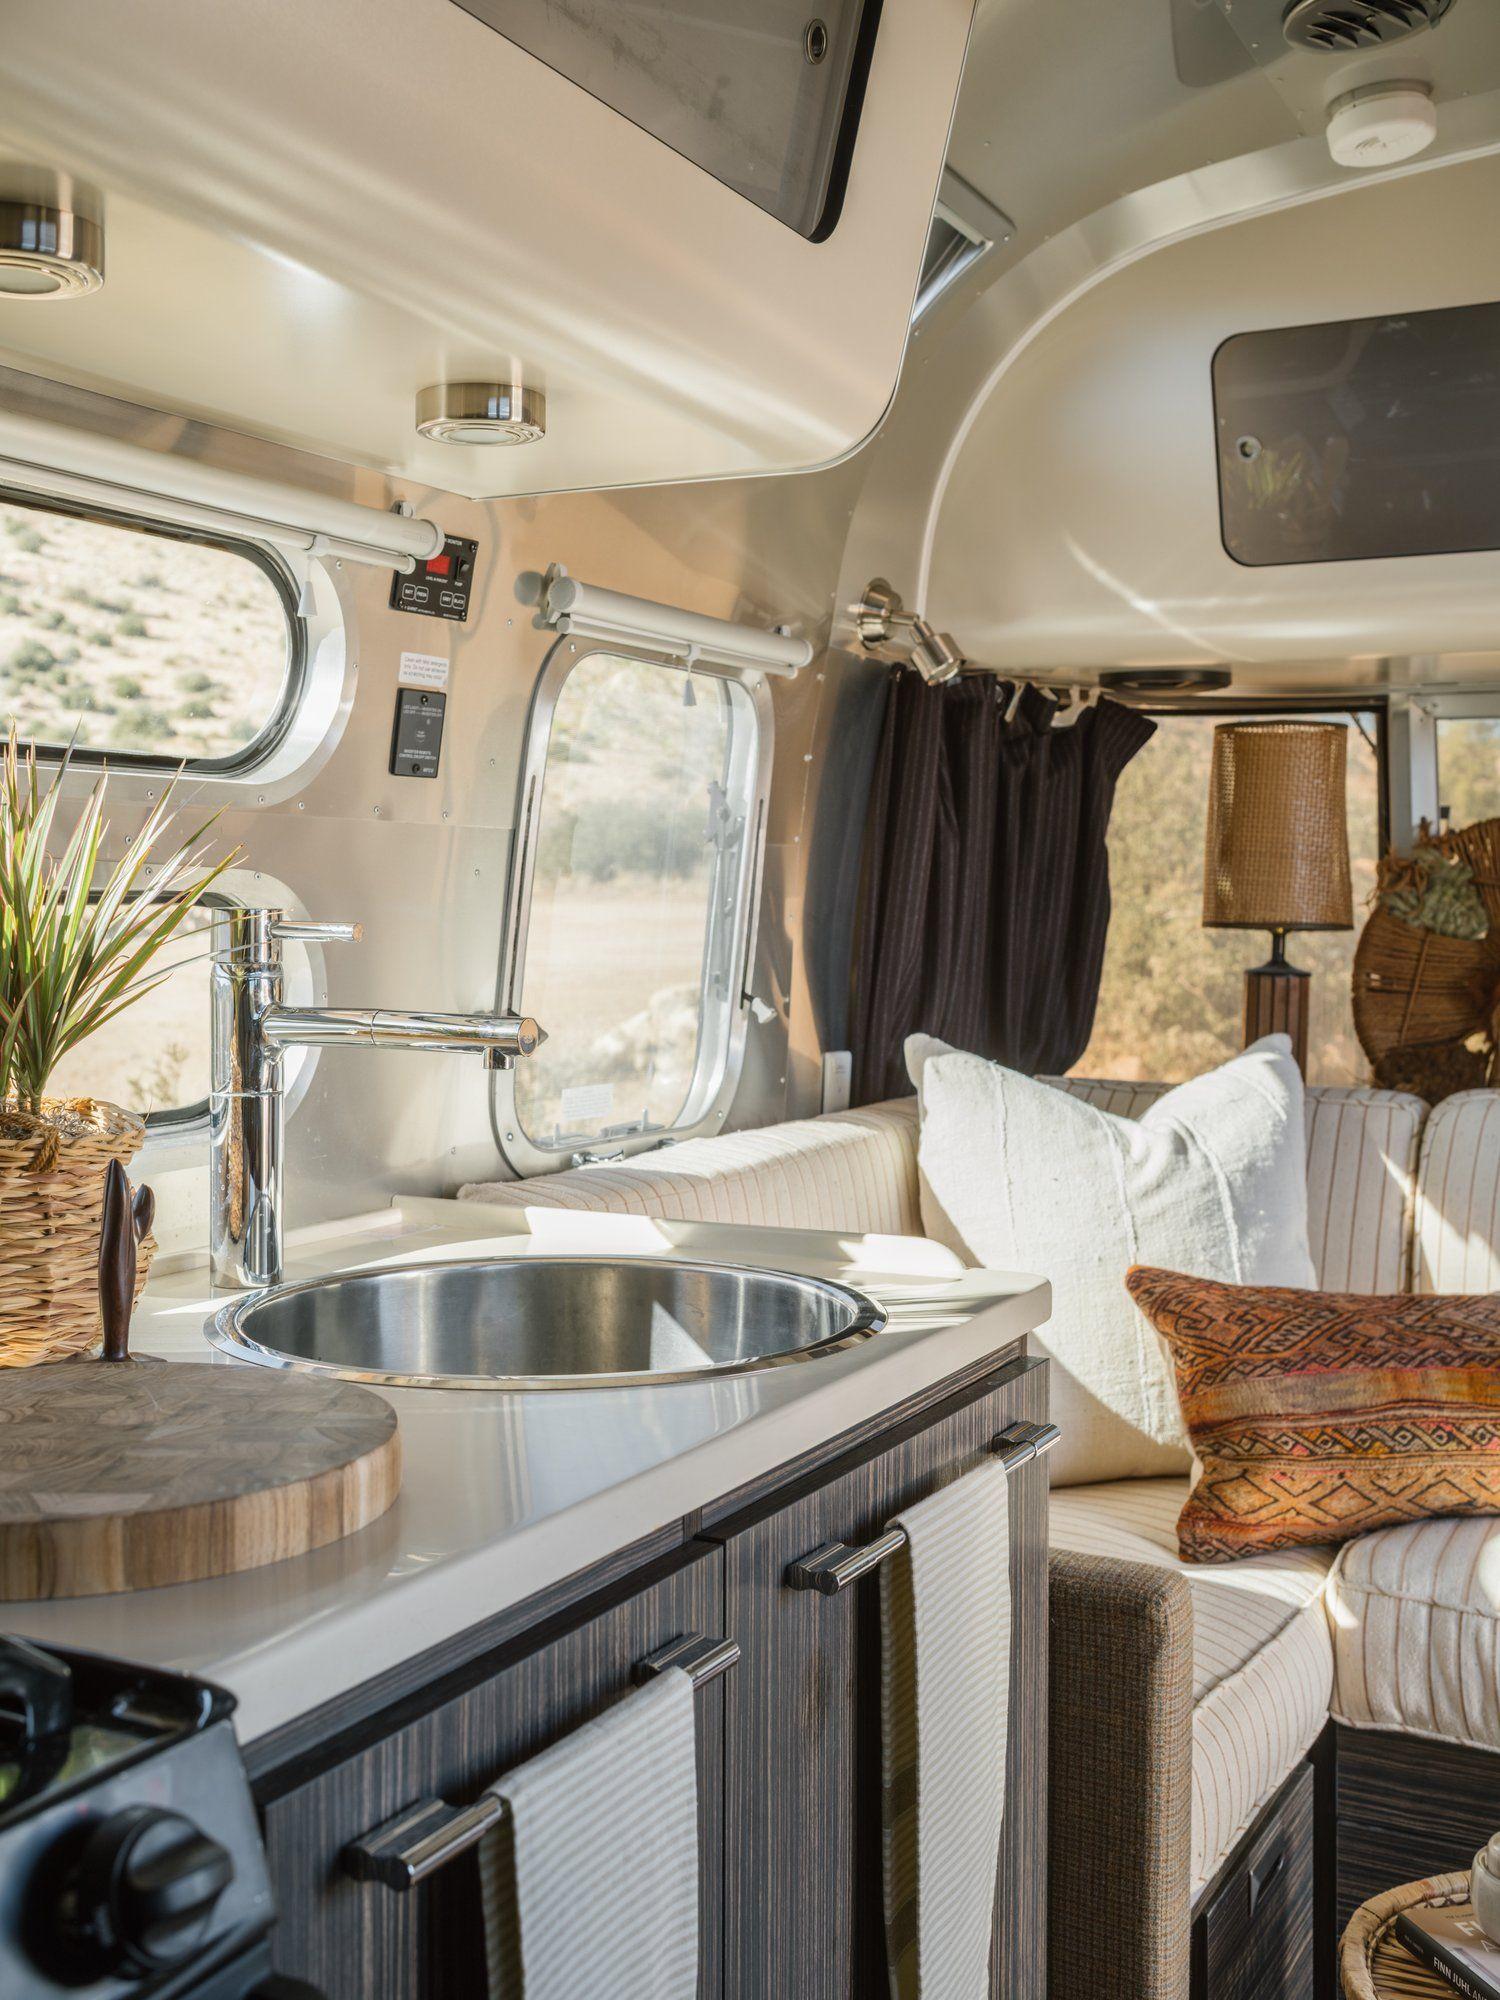 Airstream Interior 2.jpeg Interior ikea, Corriente de